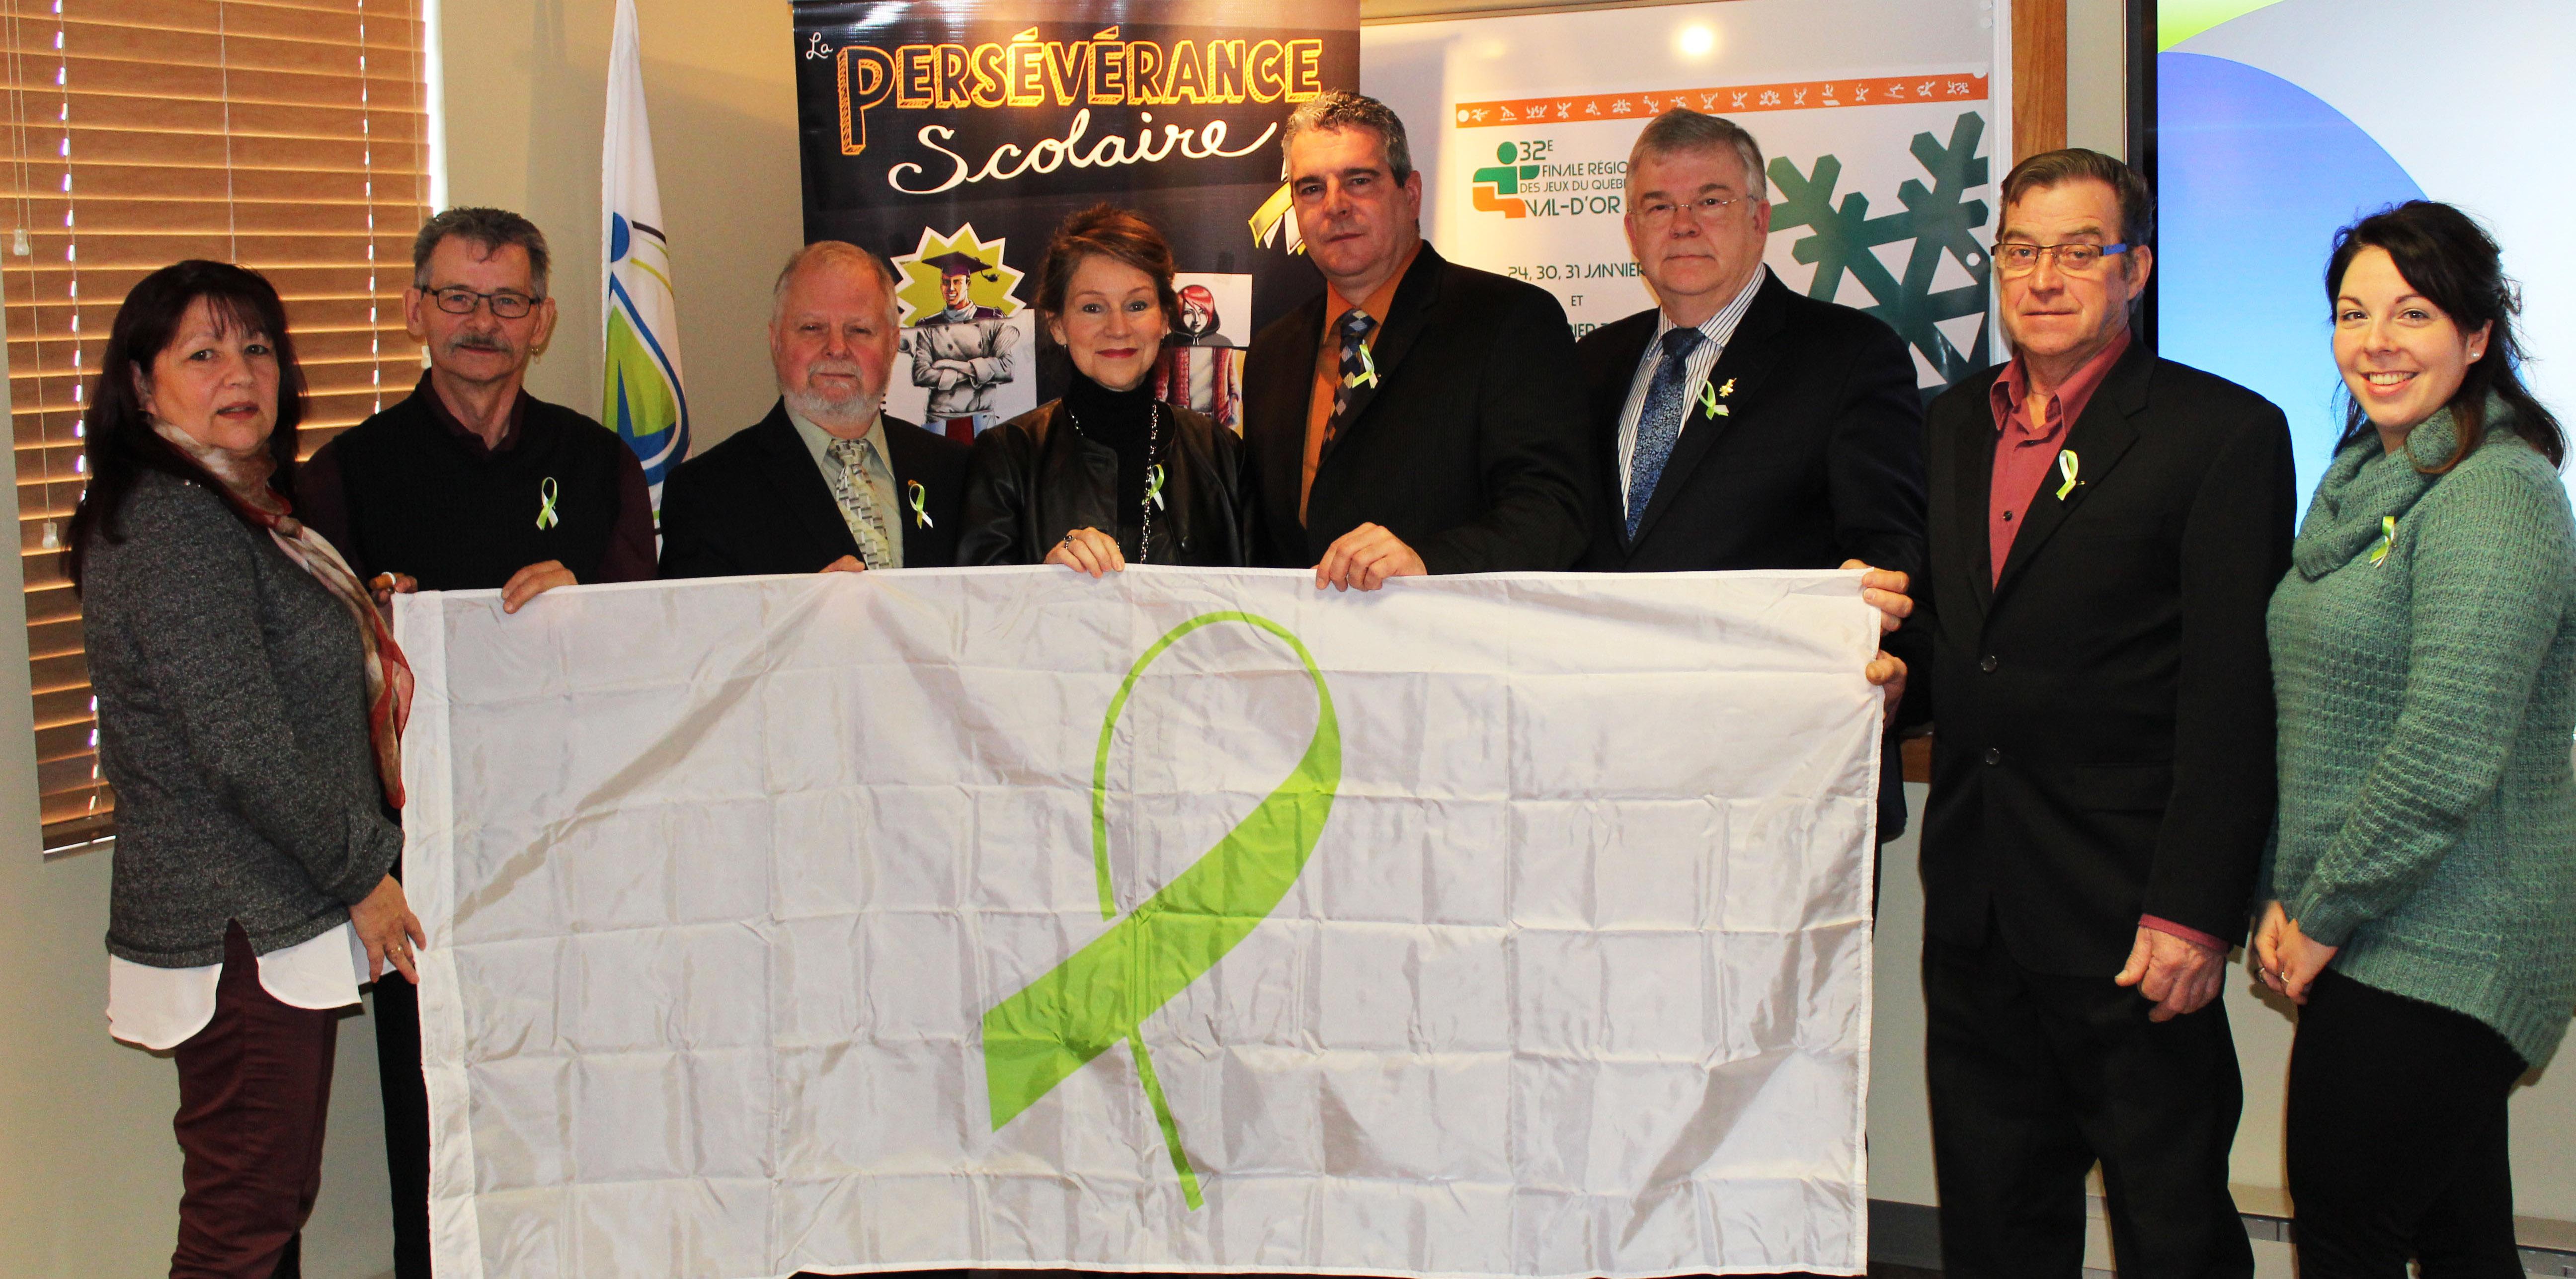 Les élus de la MRCVO hissent le drapeau de la persévérance scolaire !